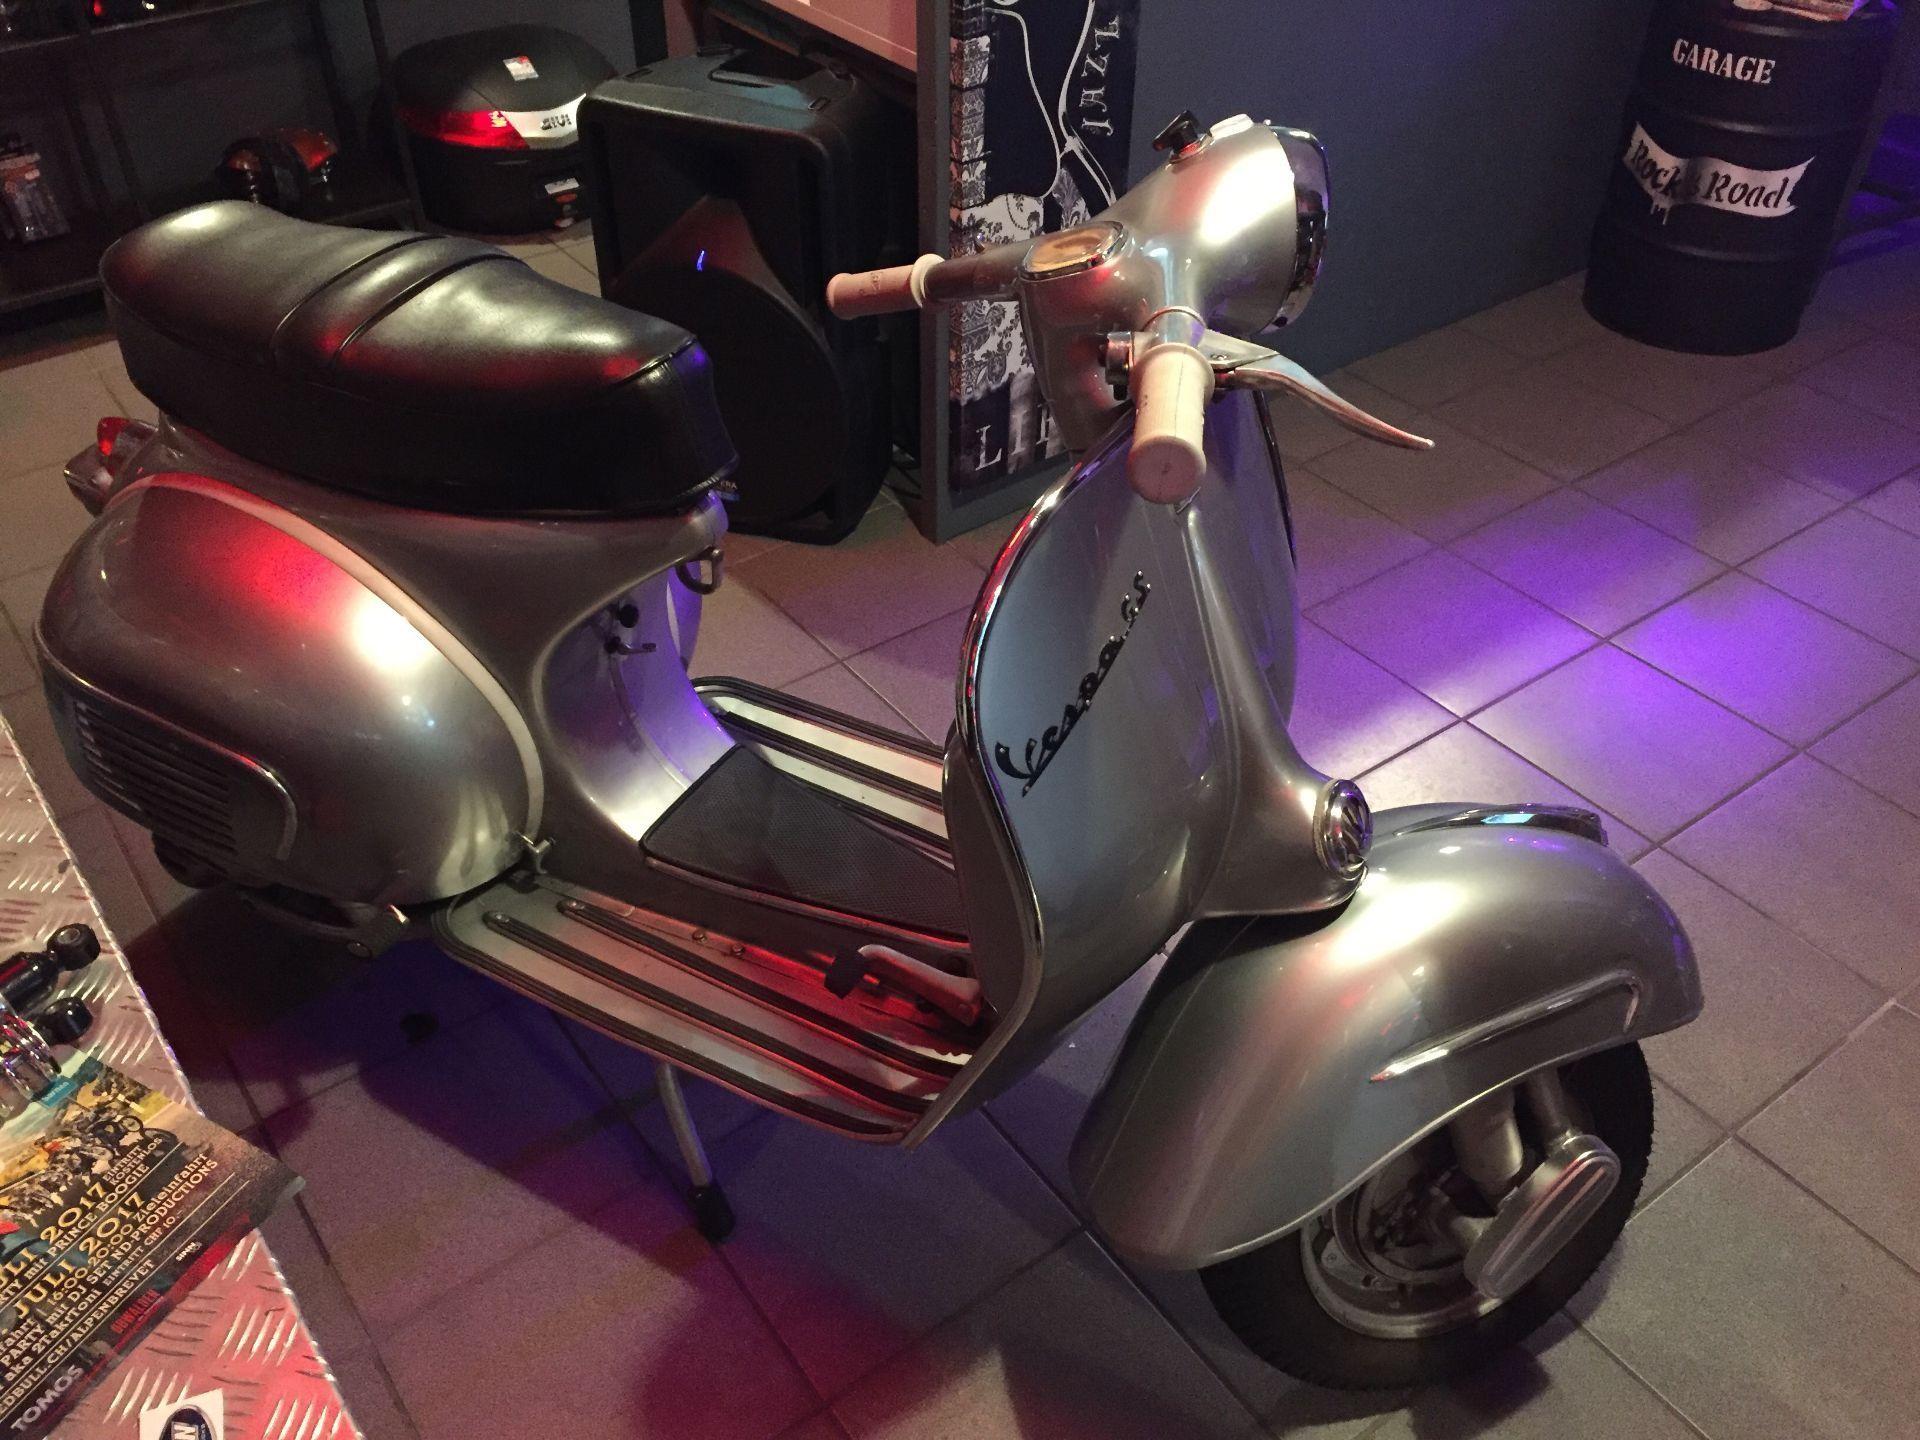 motorrad oldtimer kaufen vespa 160 garage rock road gen ve. Black Bedroom Furniture Sets. Home Design Ideas